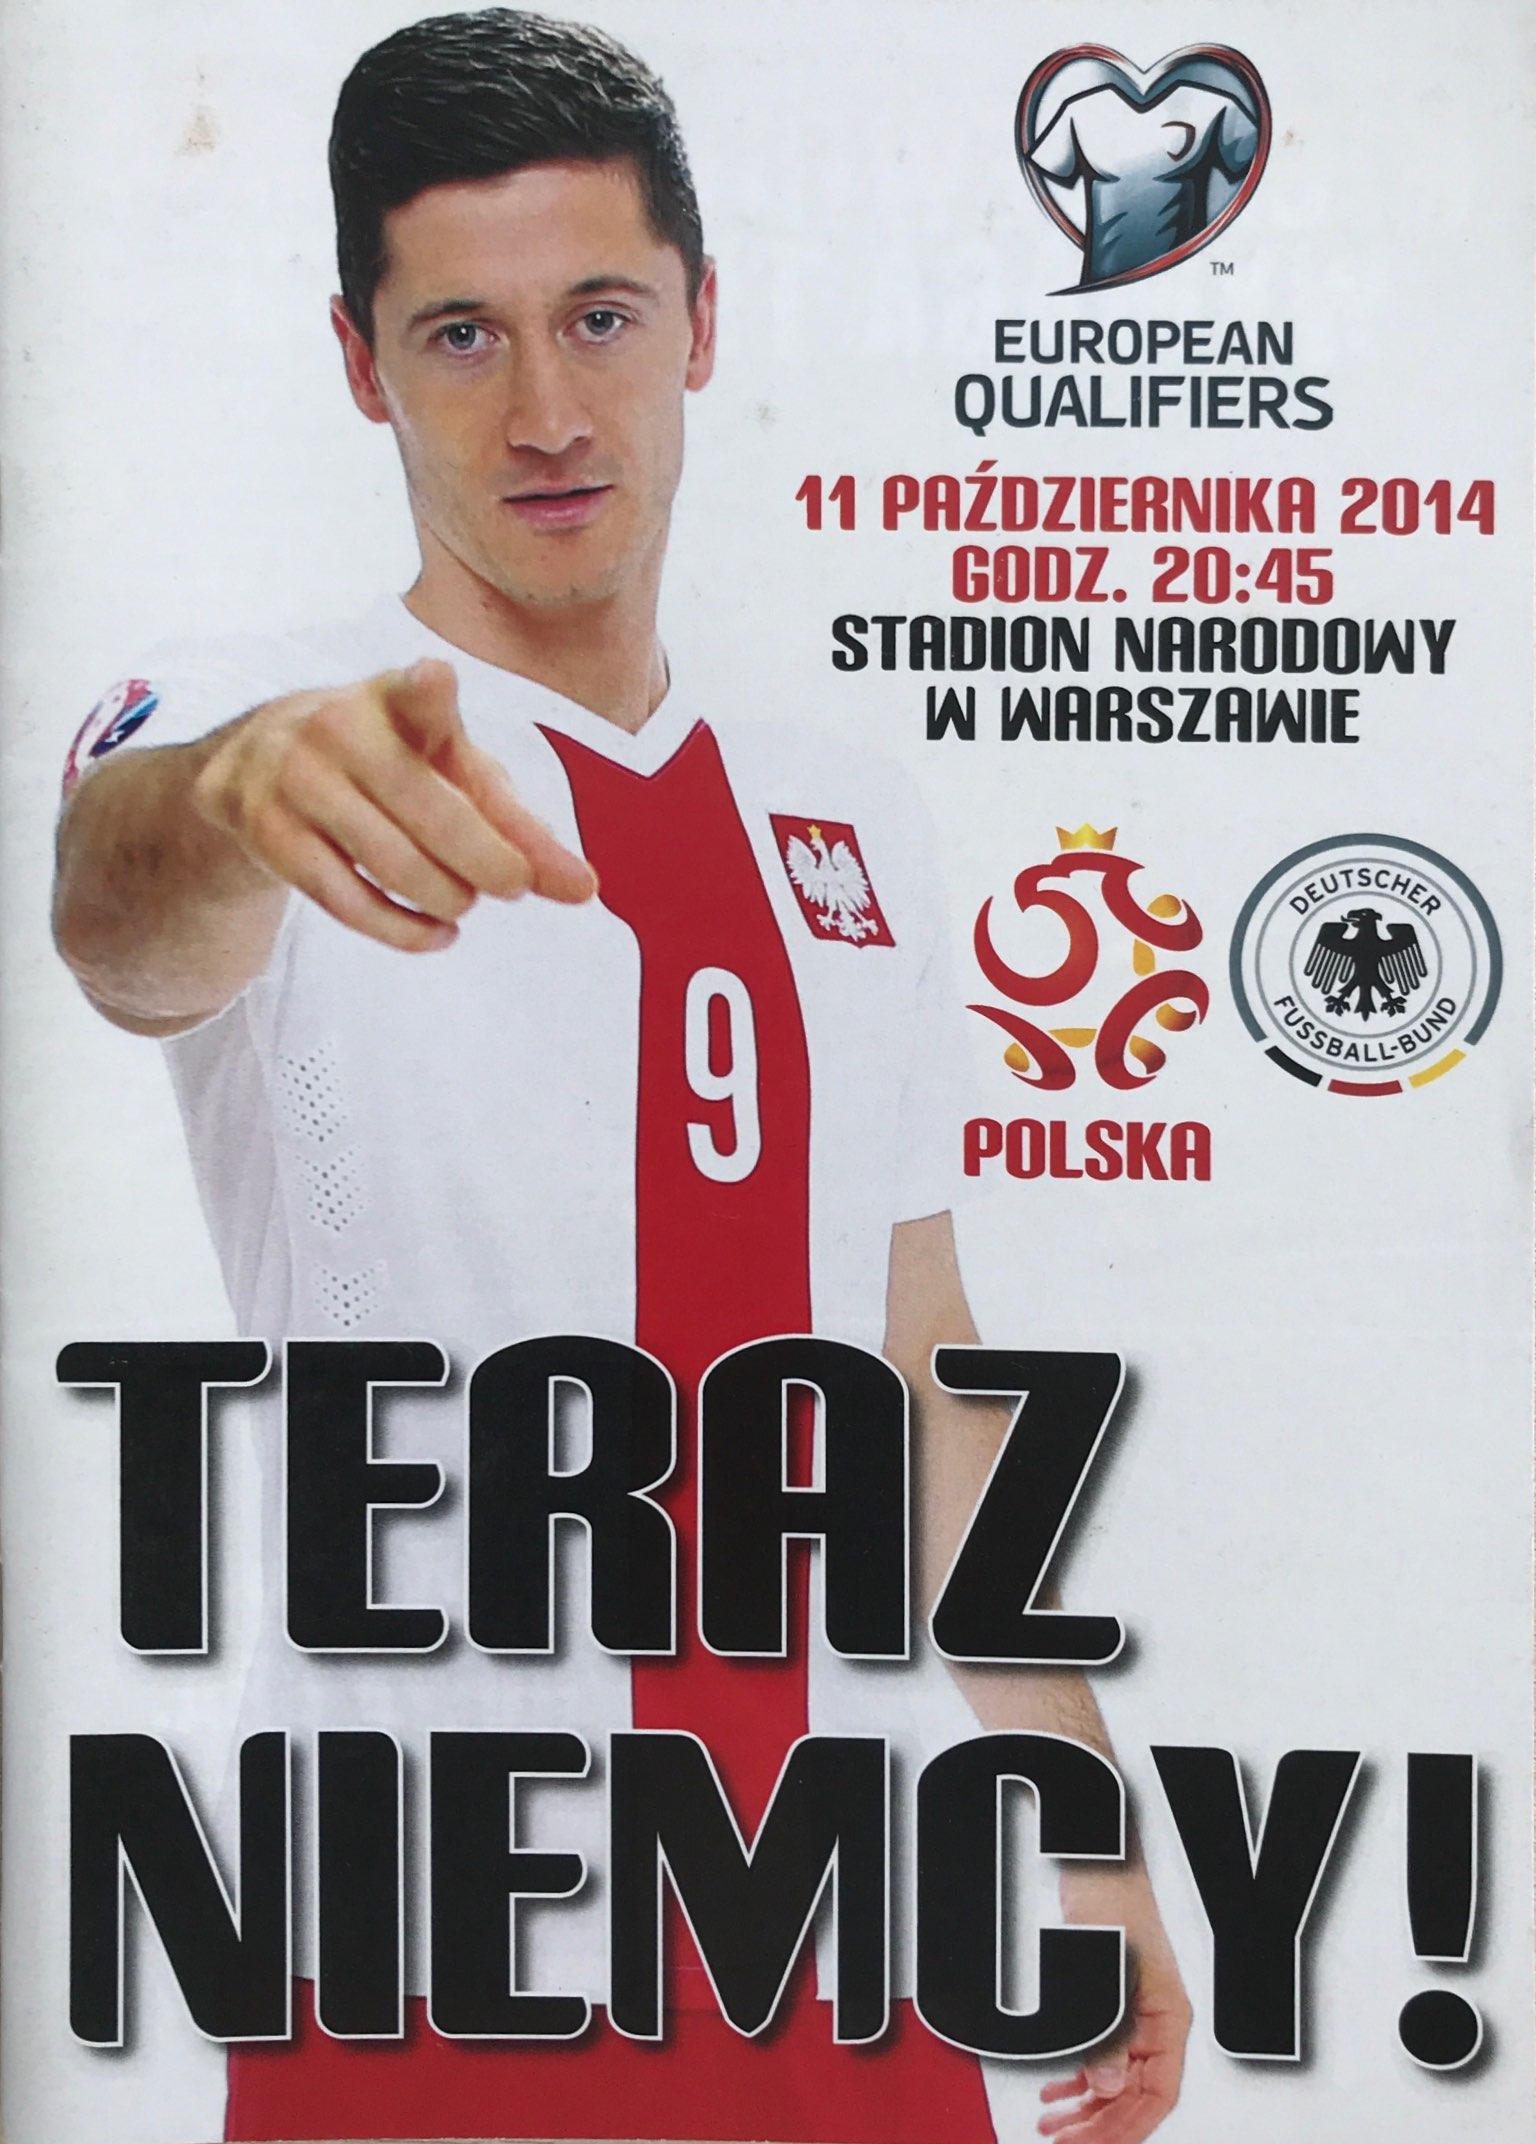 Program meczowy Polska - Niemcy (11.10.2014)